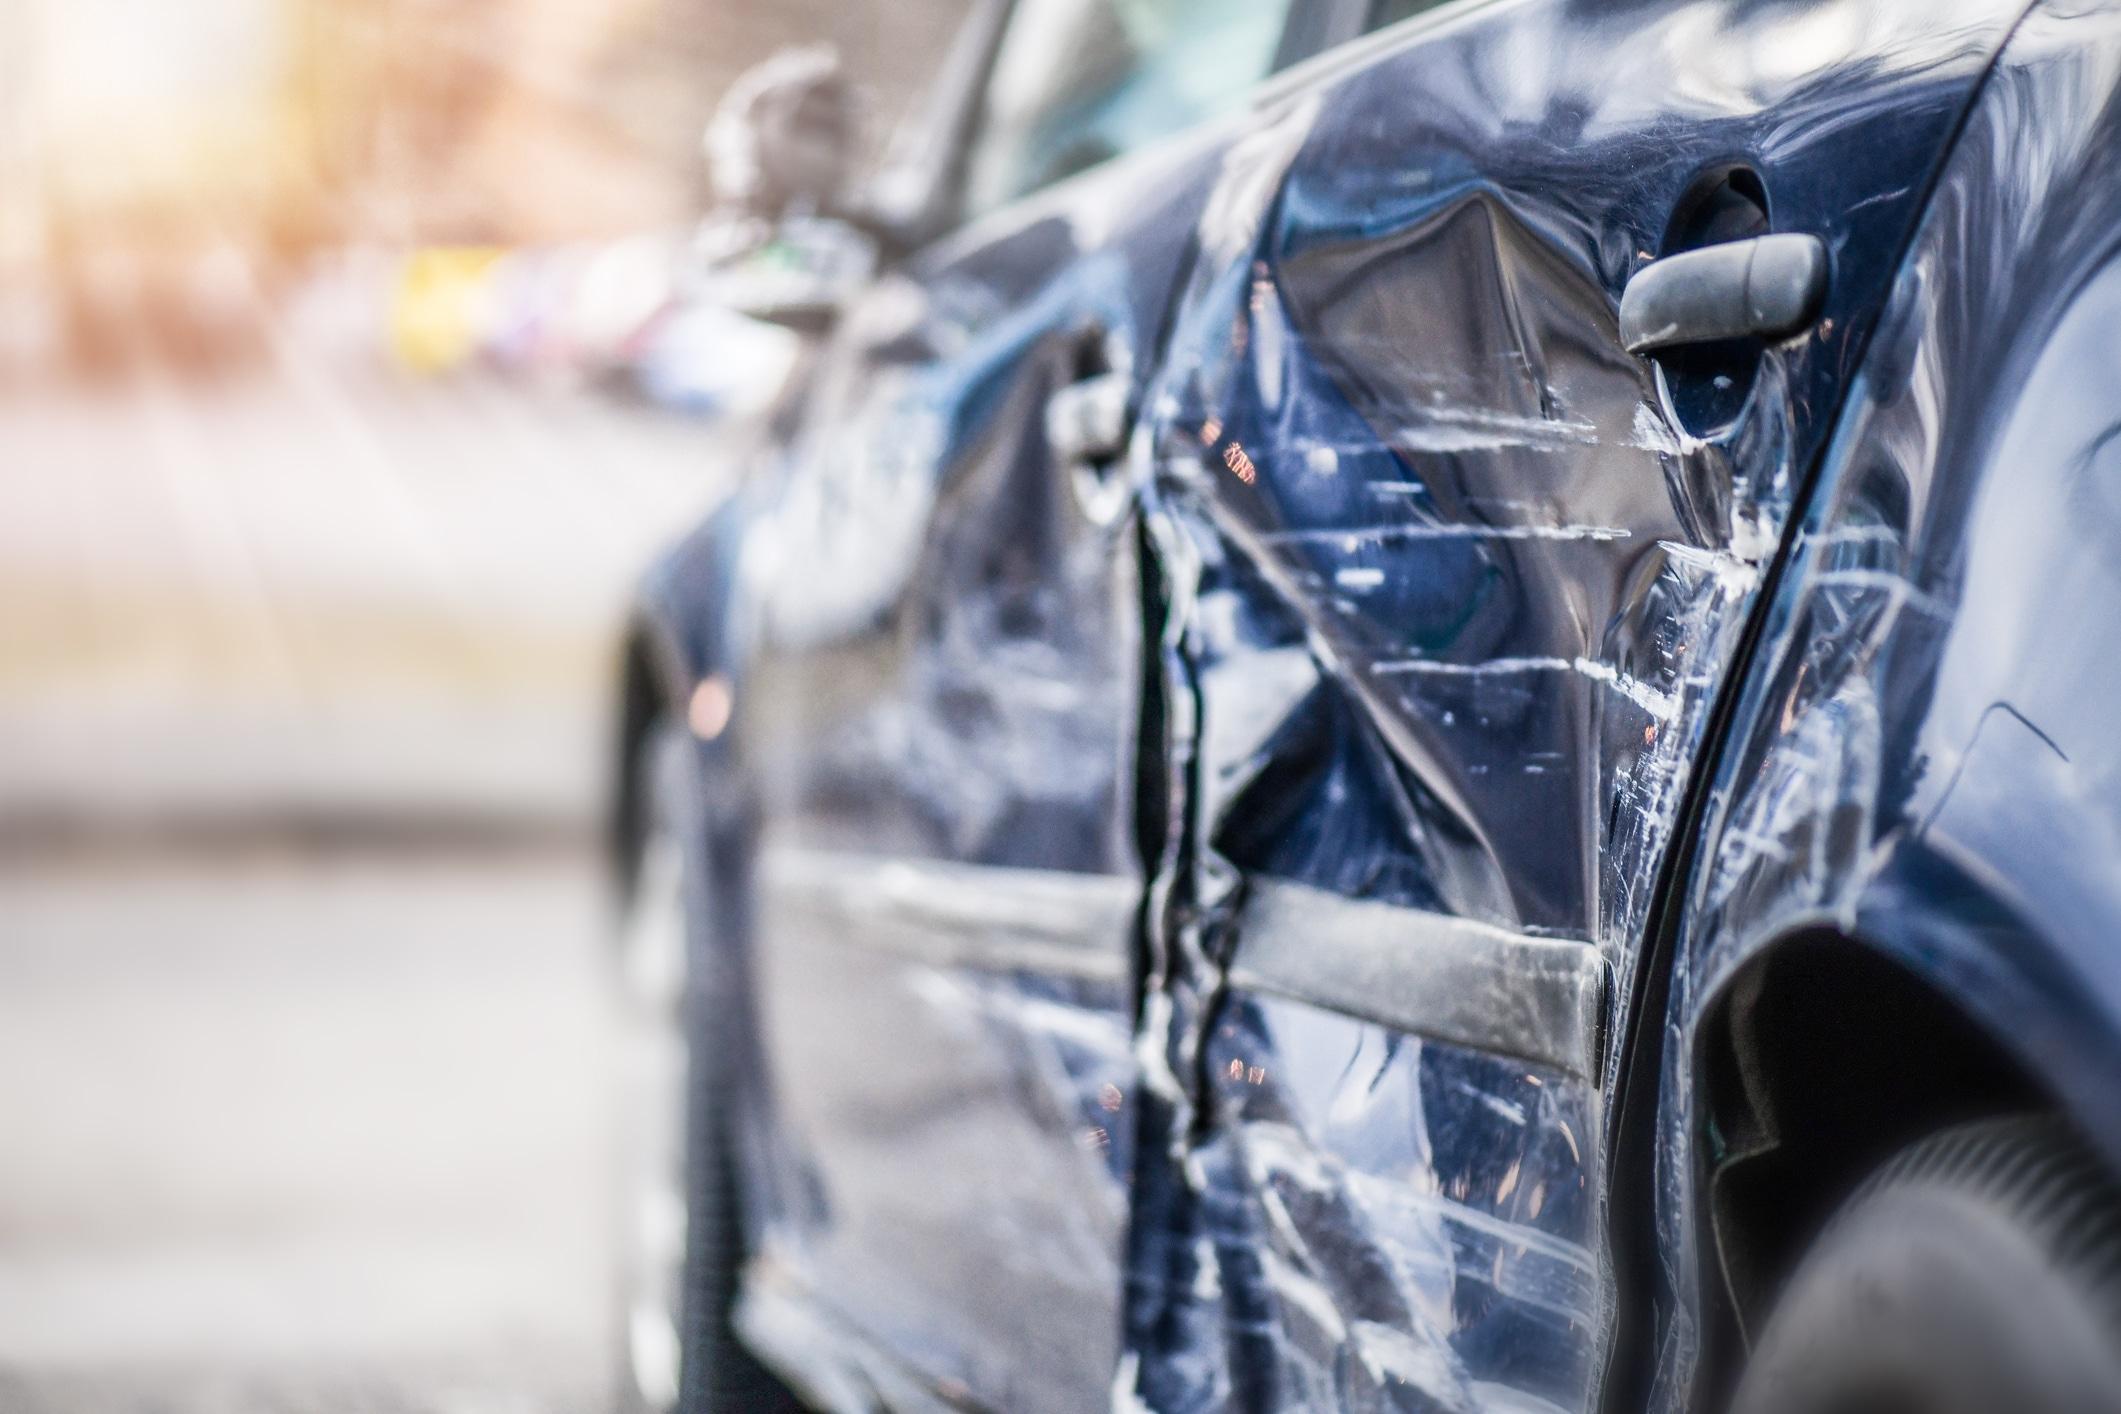 A damaged car after a wreck in Demopolis, AL.